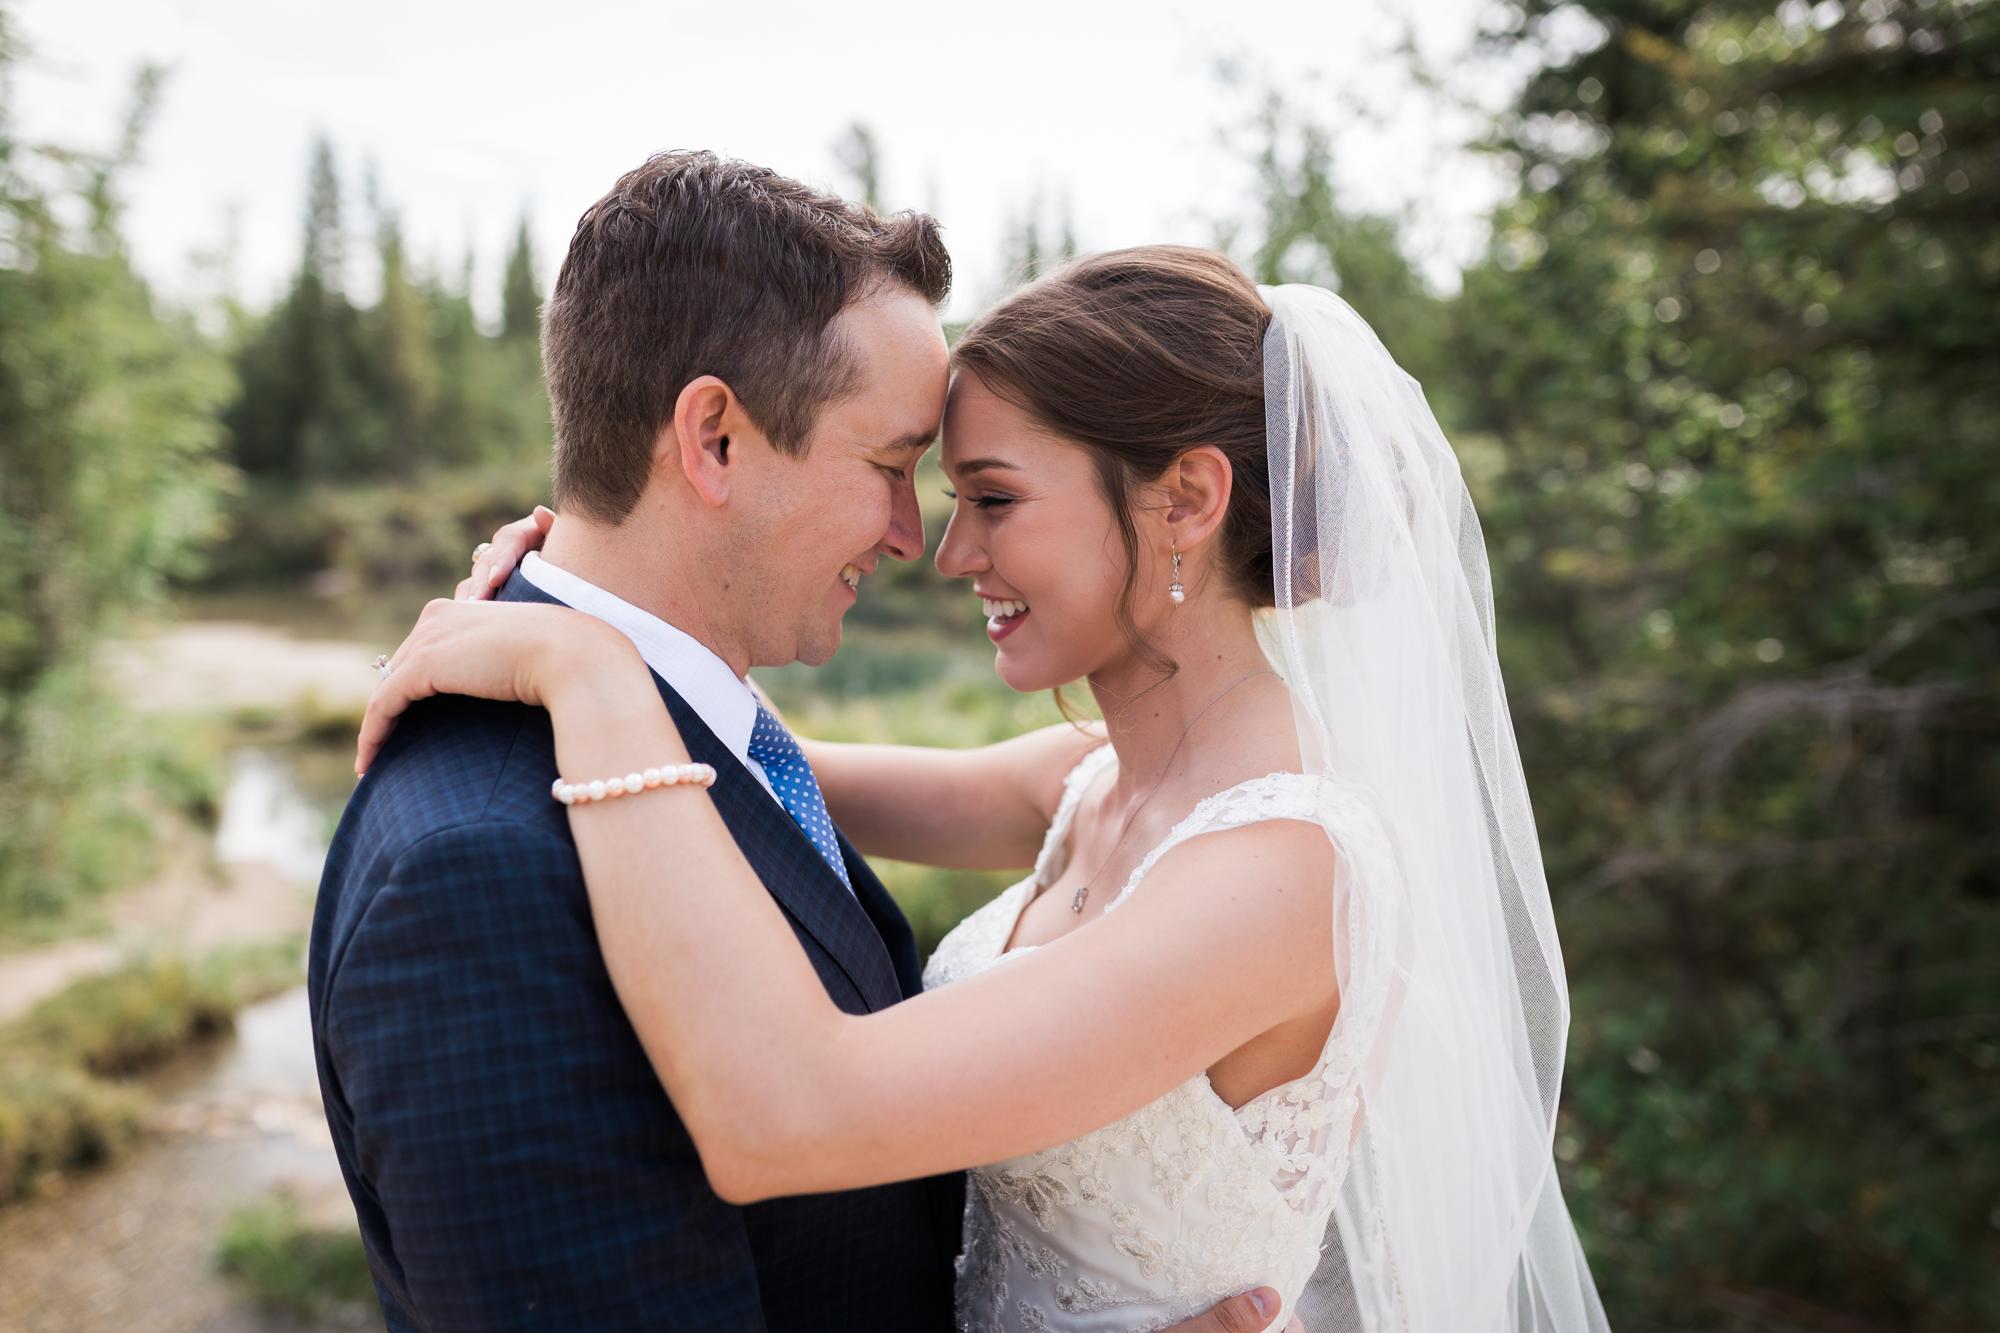 Deanna-Rachel-Photography-calgary-Wedding-photographer-jm-29.jpg